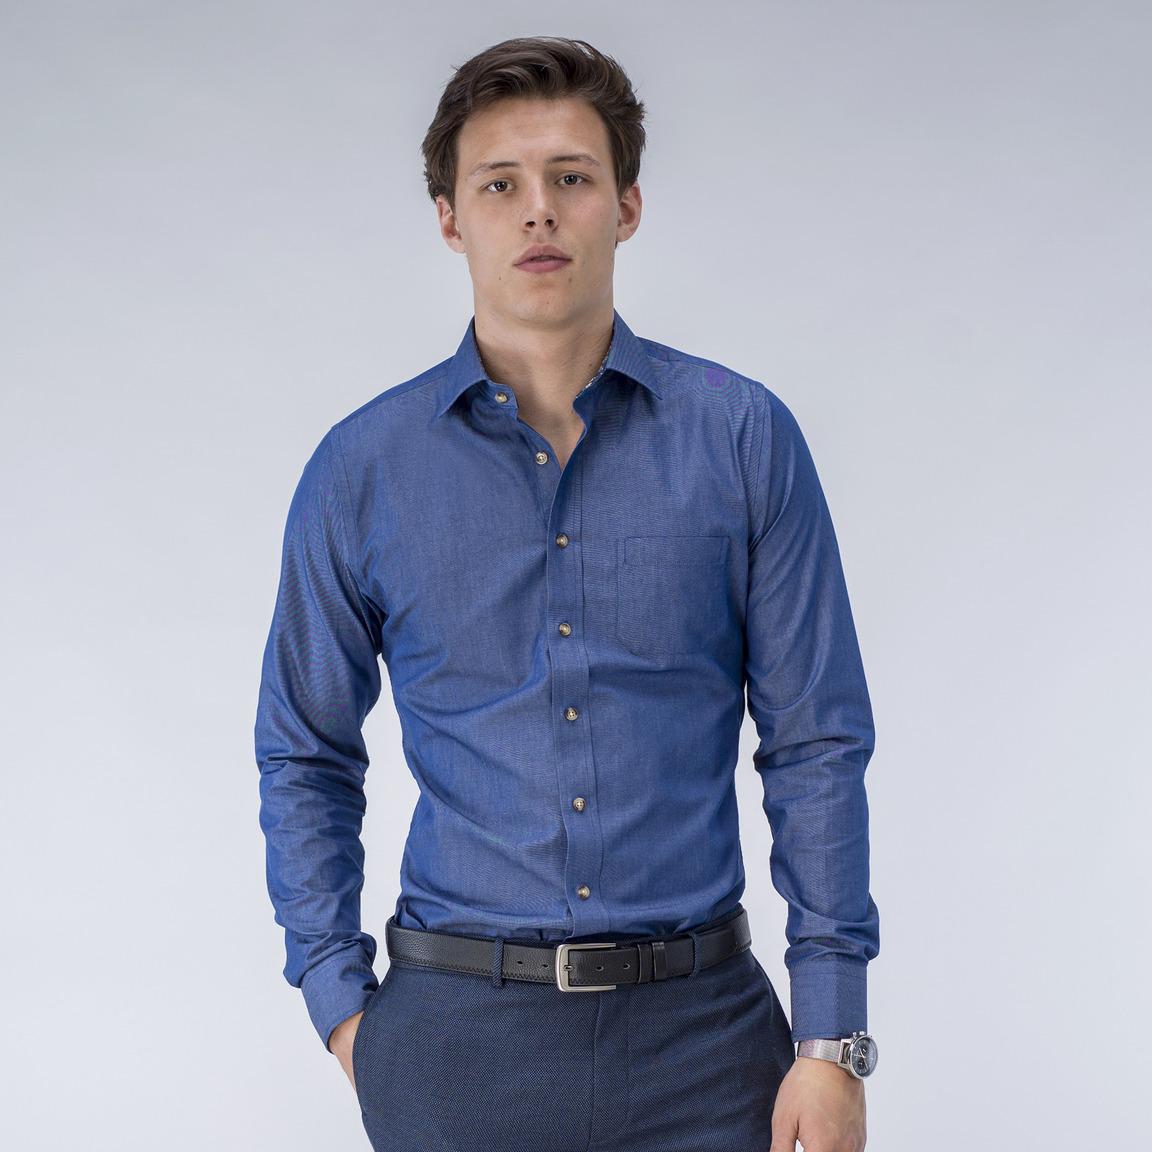 Blaues Hemd mit blumigen Kontrasten